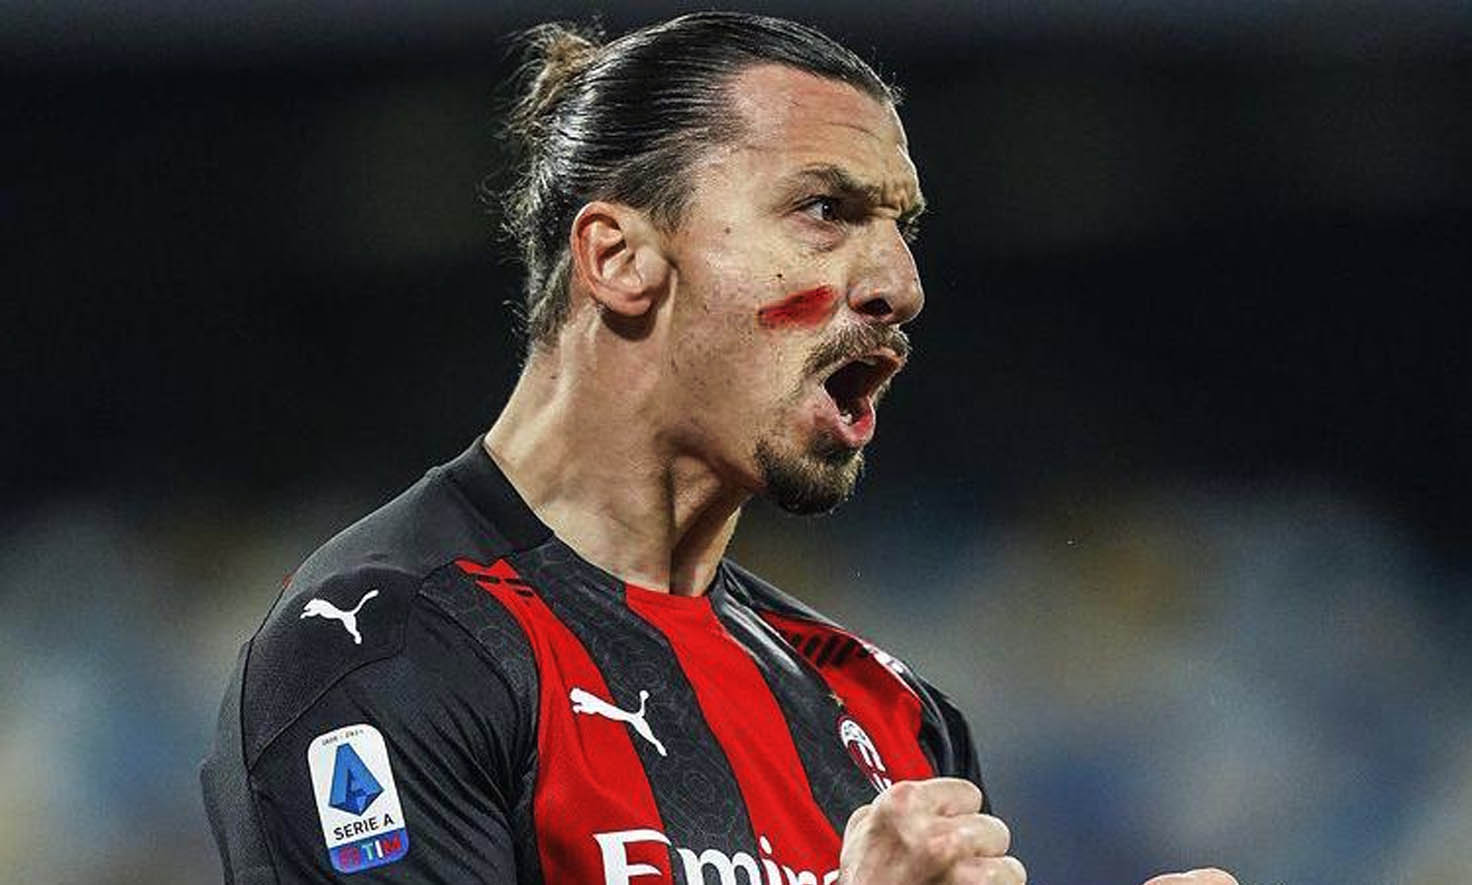 Il Milan a Cagliari con Ibra! Promo e news sul match